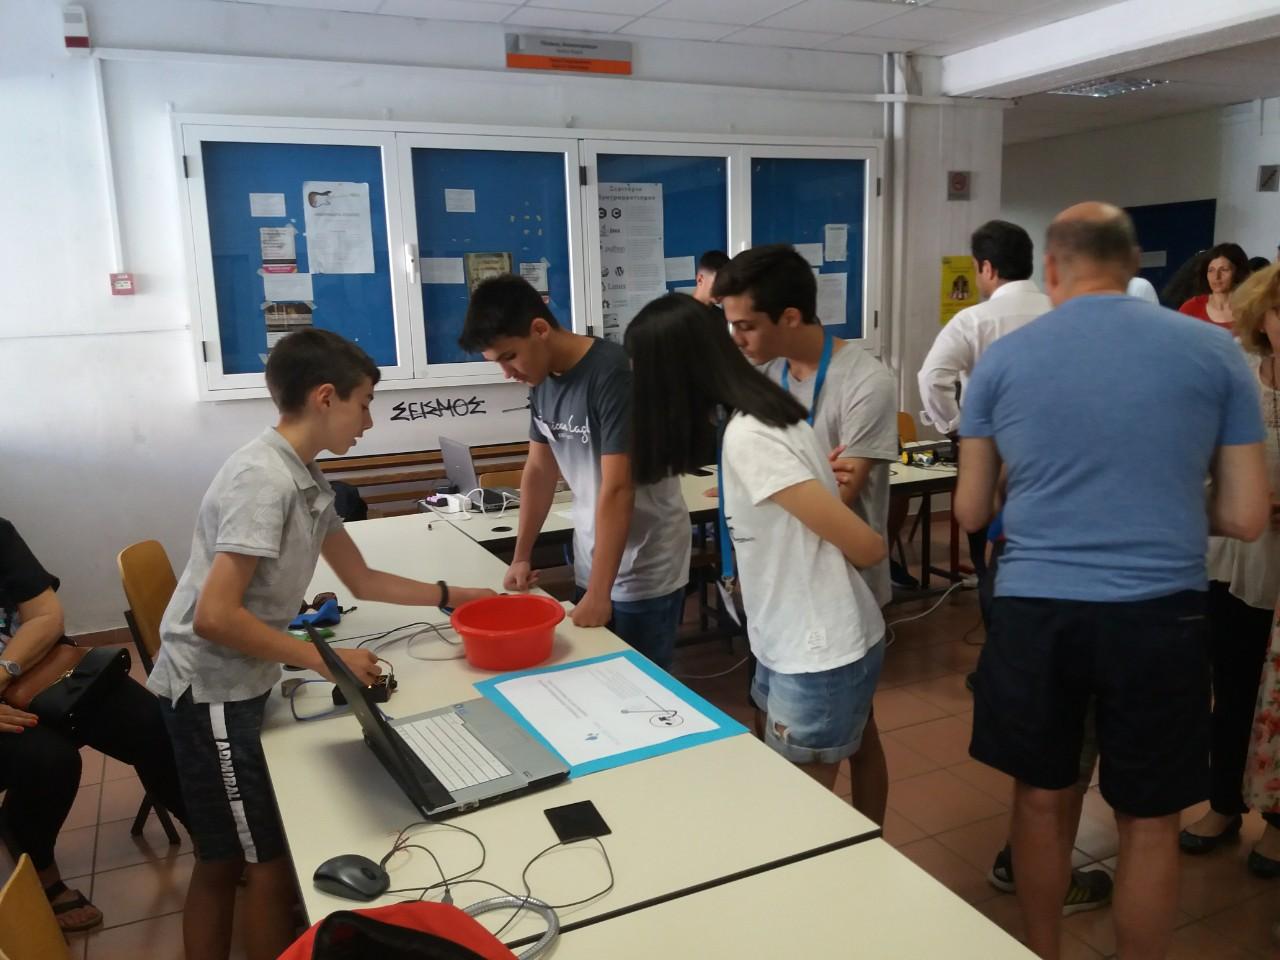 Το σχολείο μας συμμετείχει στον πρώτο διαγωνισμό εκπαιδευτικής ρομποτικής και physical computing-2